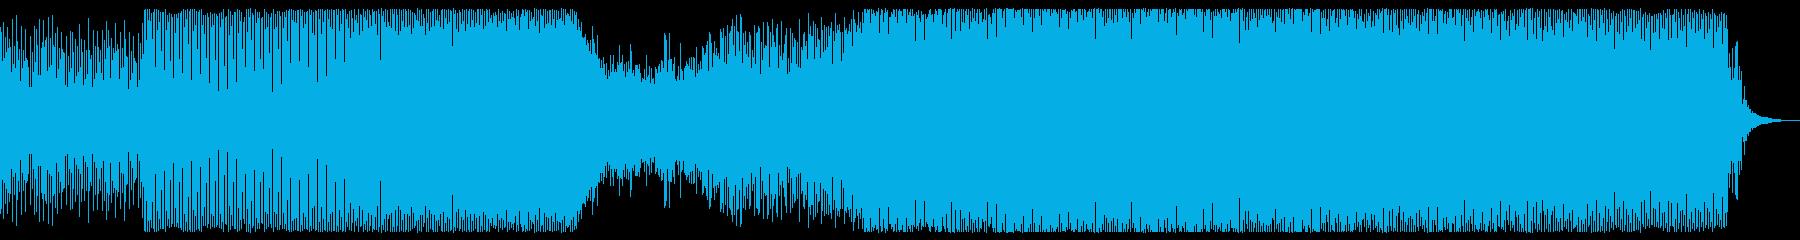 アップテンポなシンセサウンドの再生済みの波形